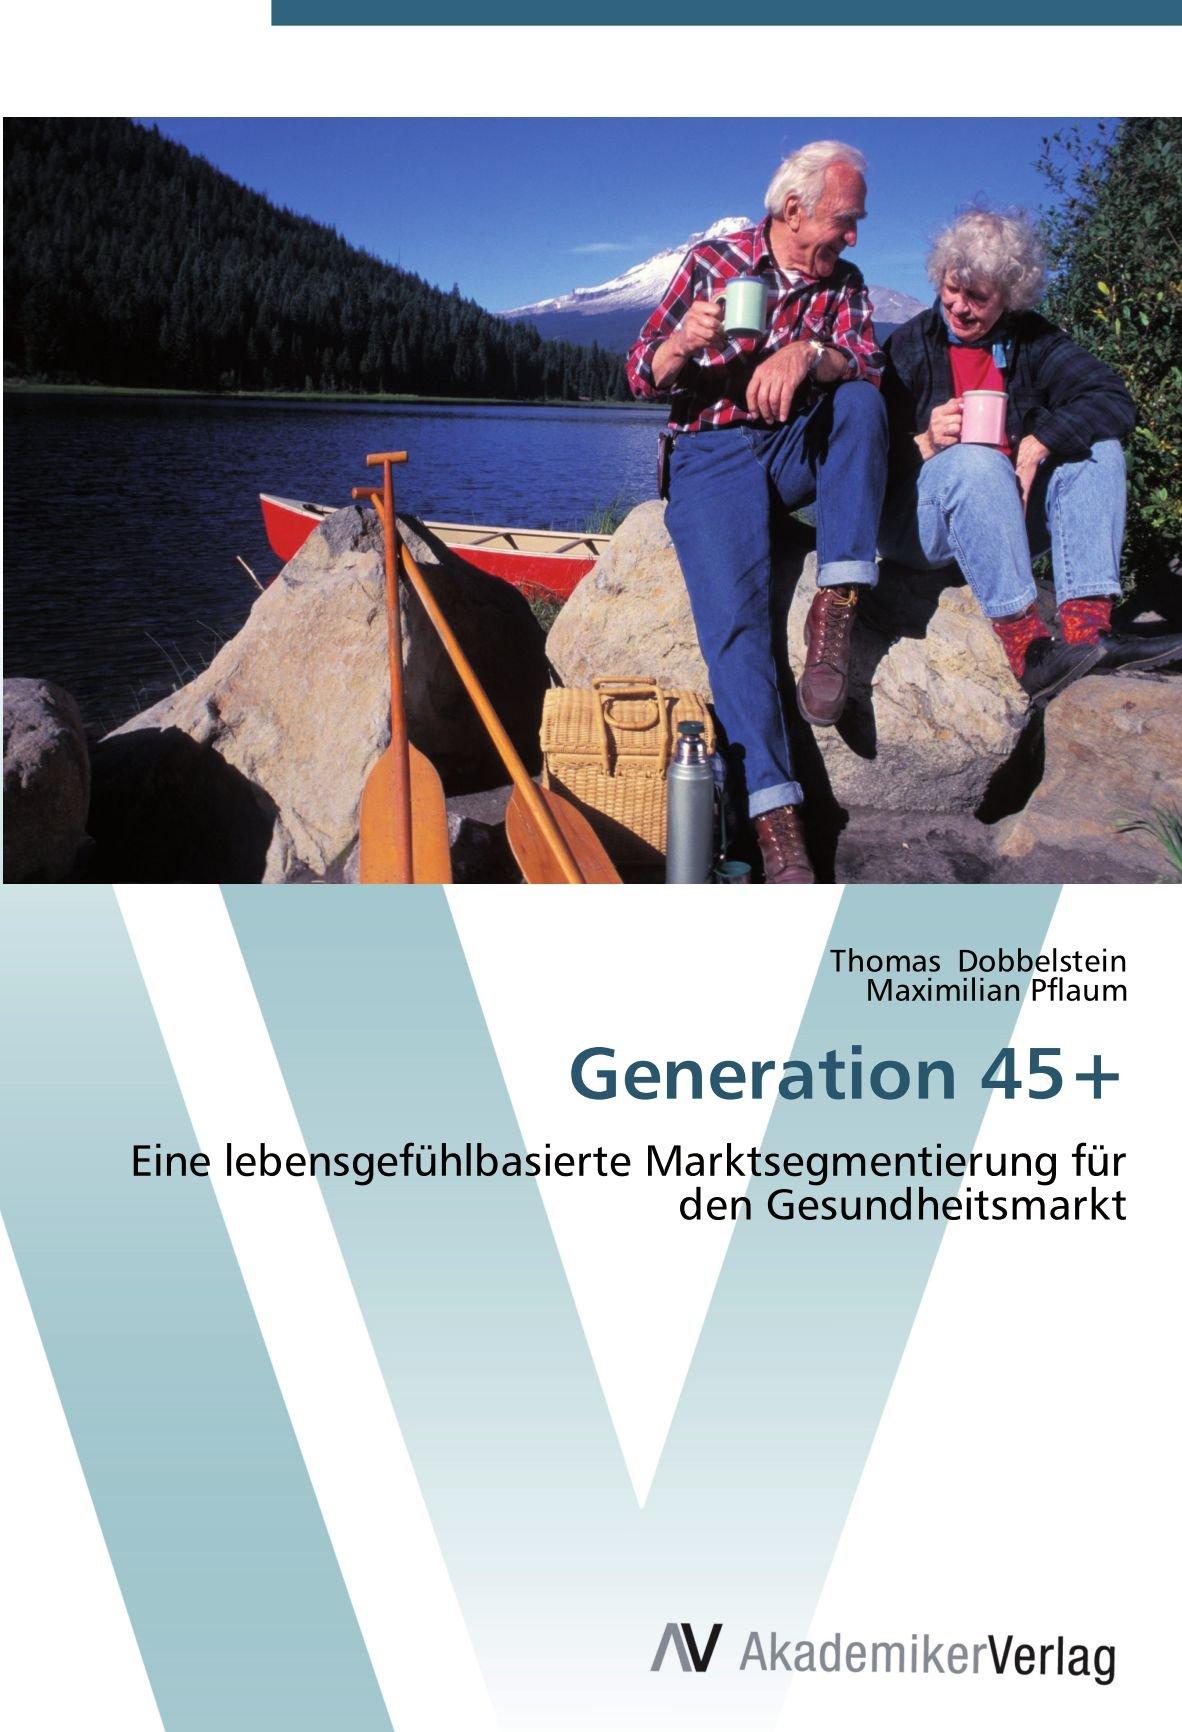 Generation 45+: Eine lebensgefühlbasierte Marktsegmentierung für den Gesundheitsmarkt